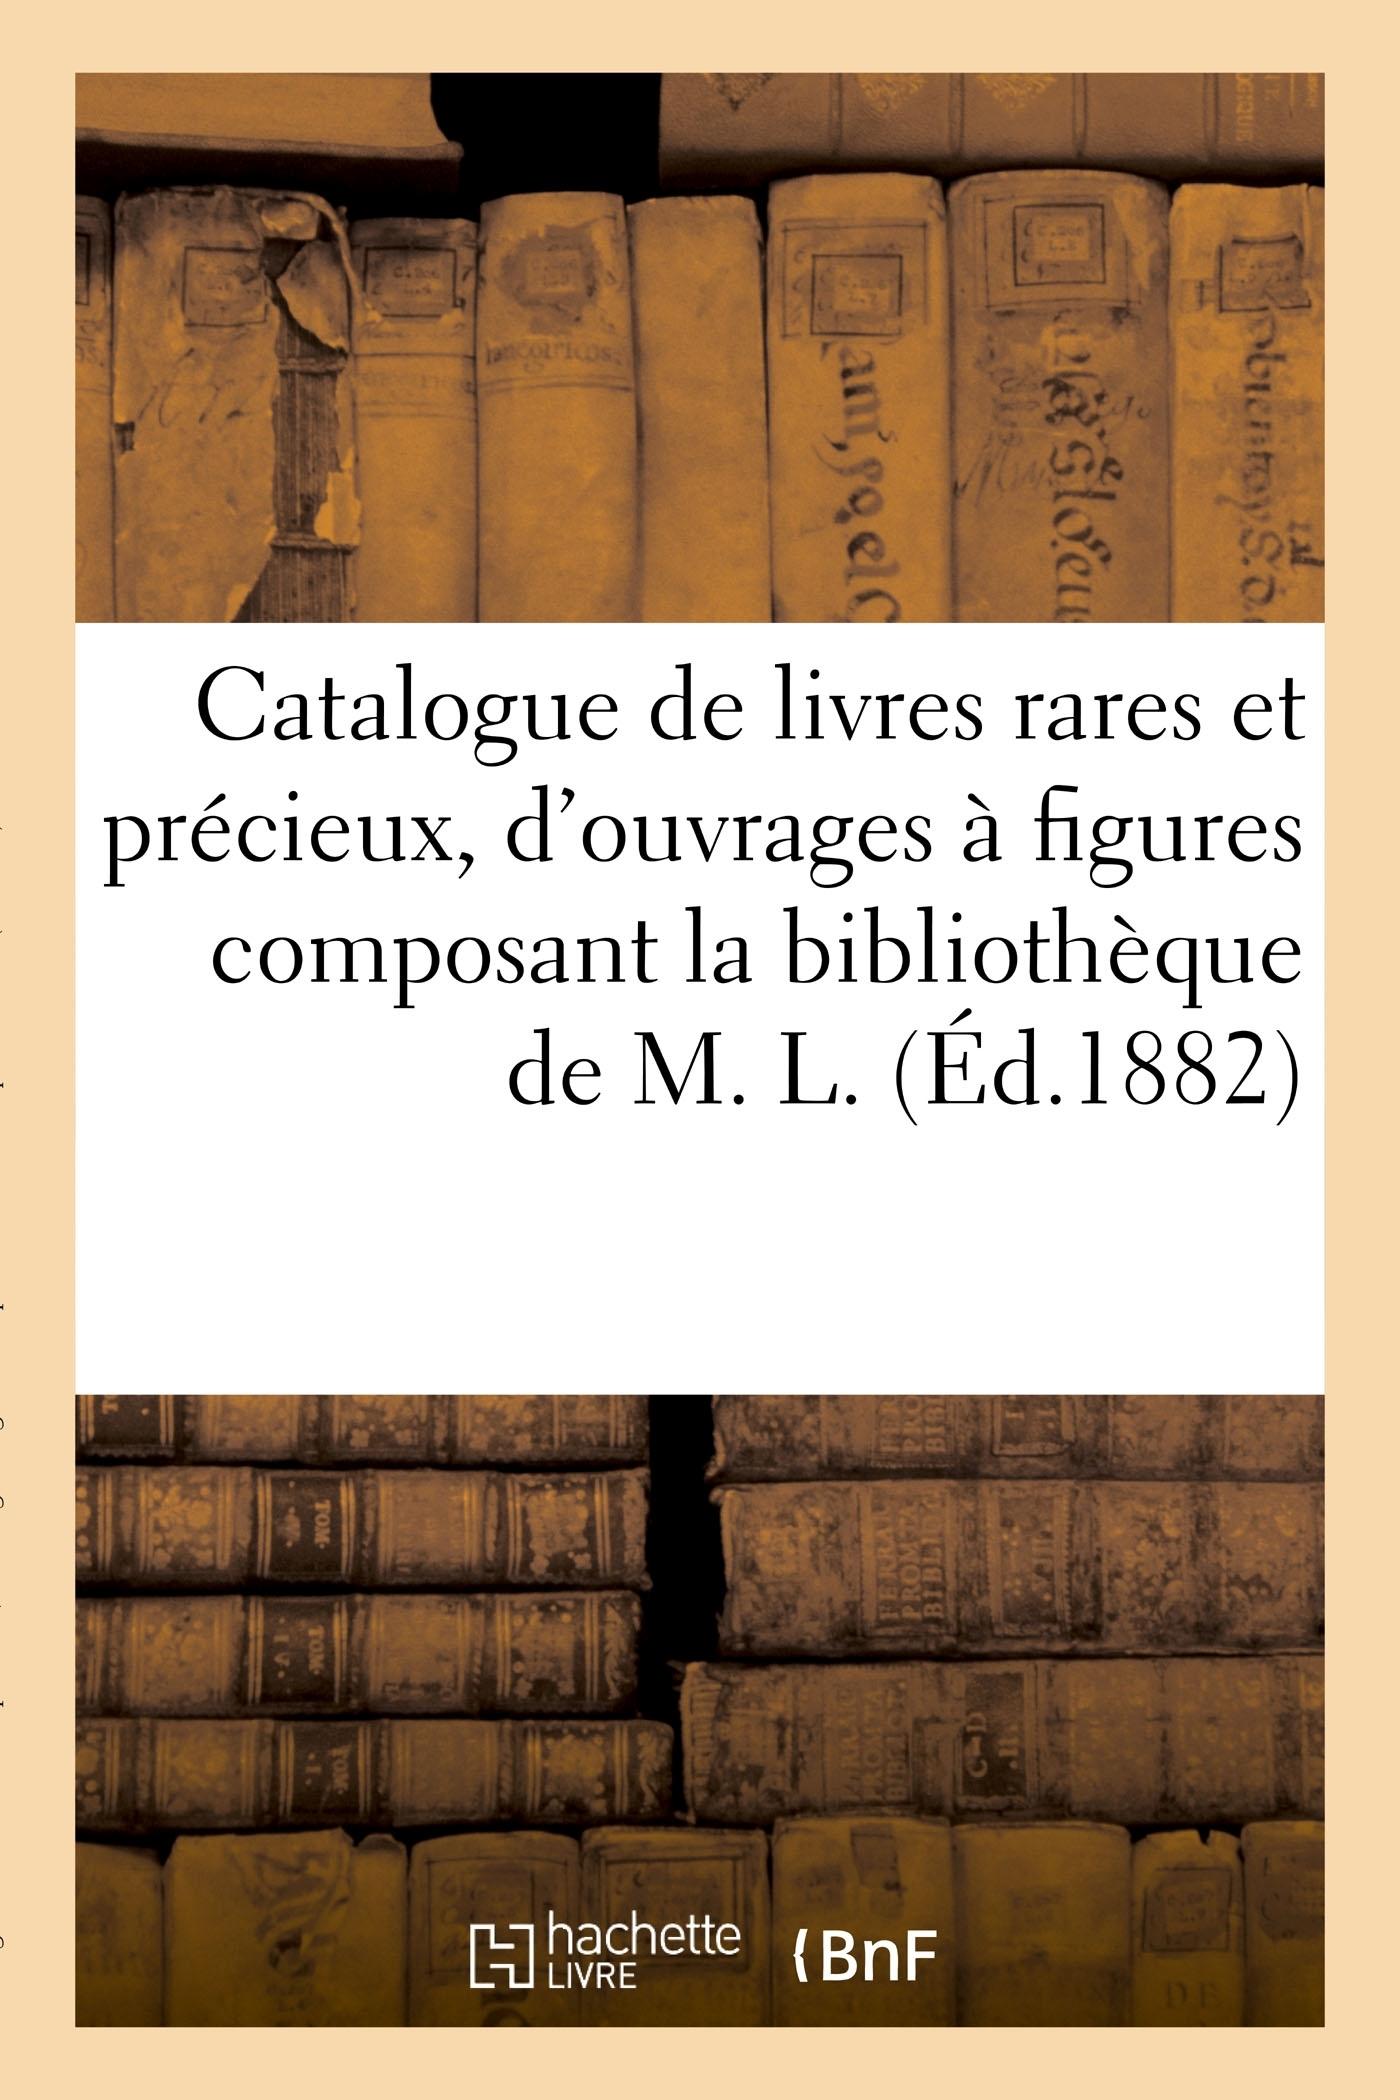 CATALOGUE DE LIVRES RARES ET PRECIEUX, D'OUVRAGES A FIGURES COMPOSANT LA BIBLIOTHEQUE DE M. L.